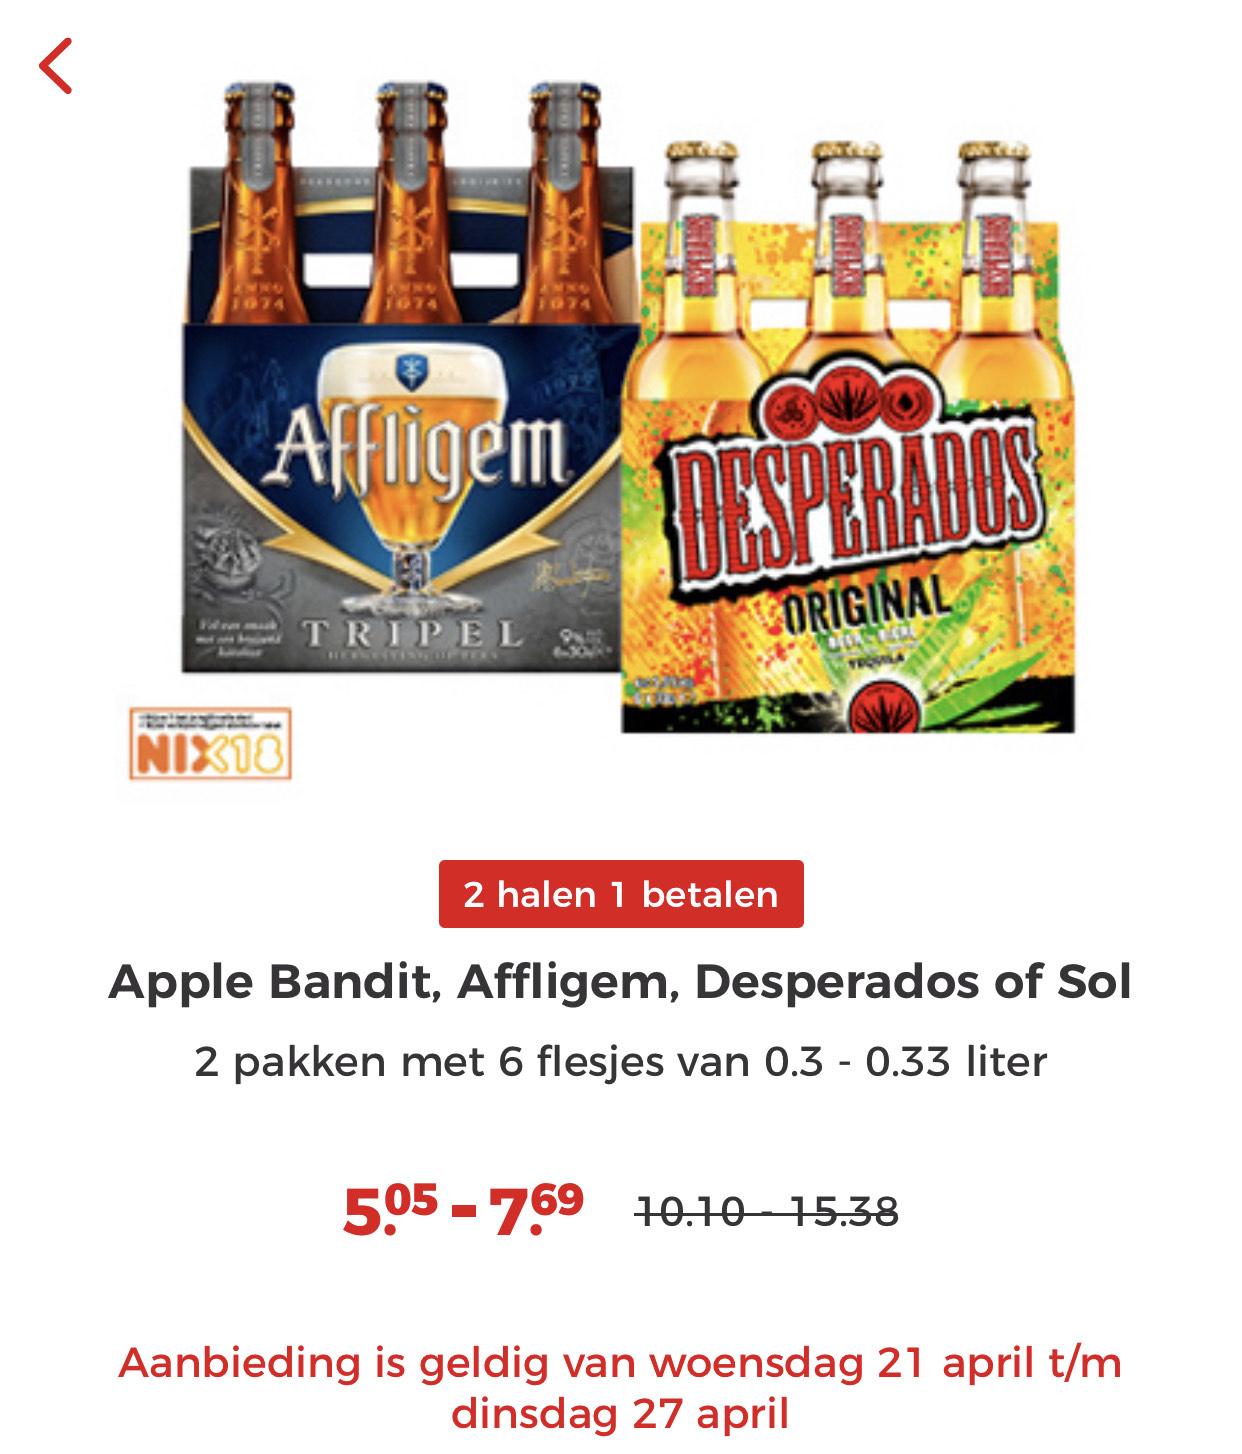 Alle Desperado, Affligem, Apple Bandit en Sol flesjes 6-pack 2=1